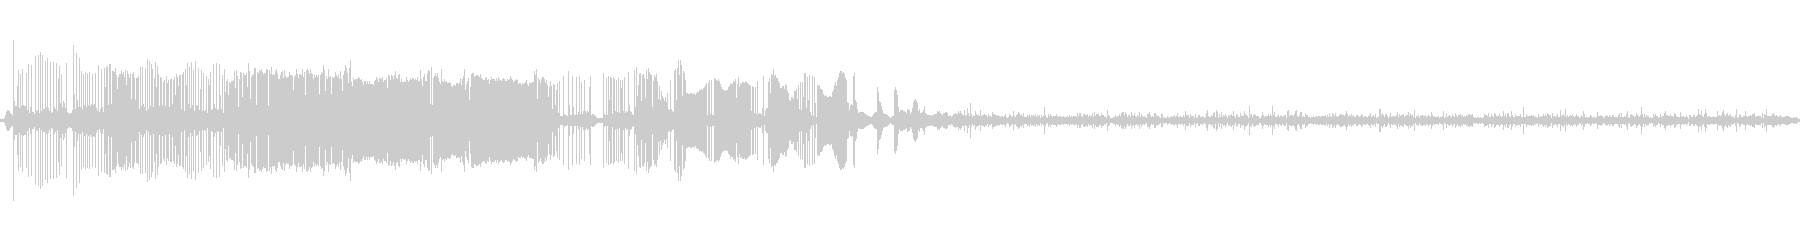 レコード傷4の未再生の波形